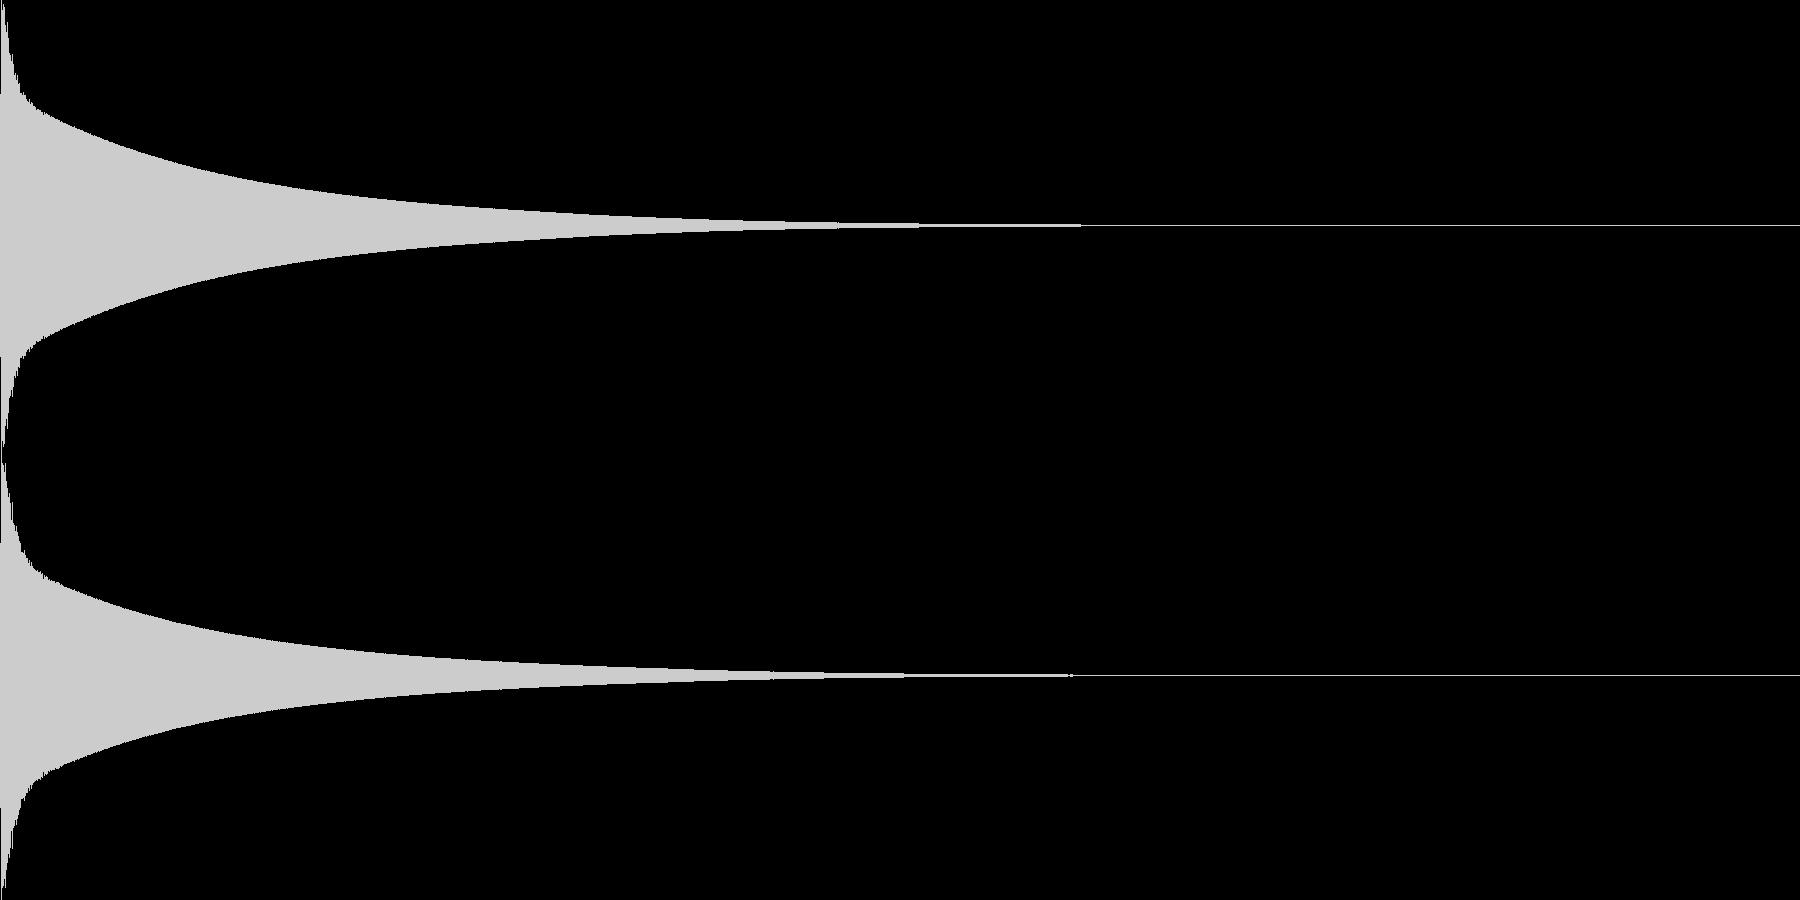 【生録音】カリンバ単音01_C6の未再生の波形